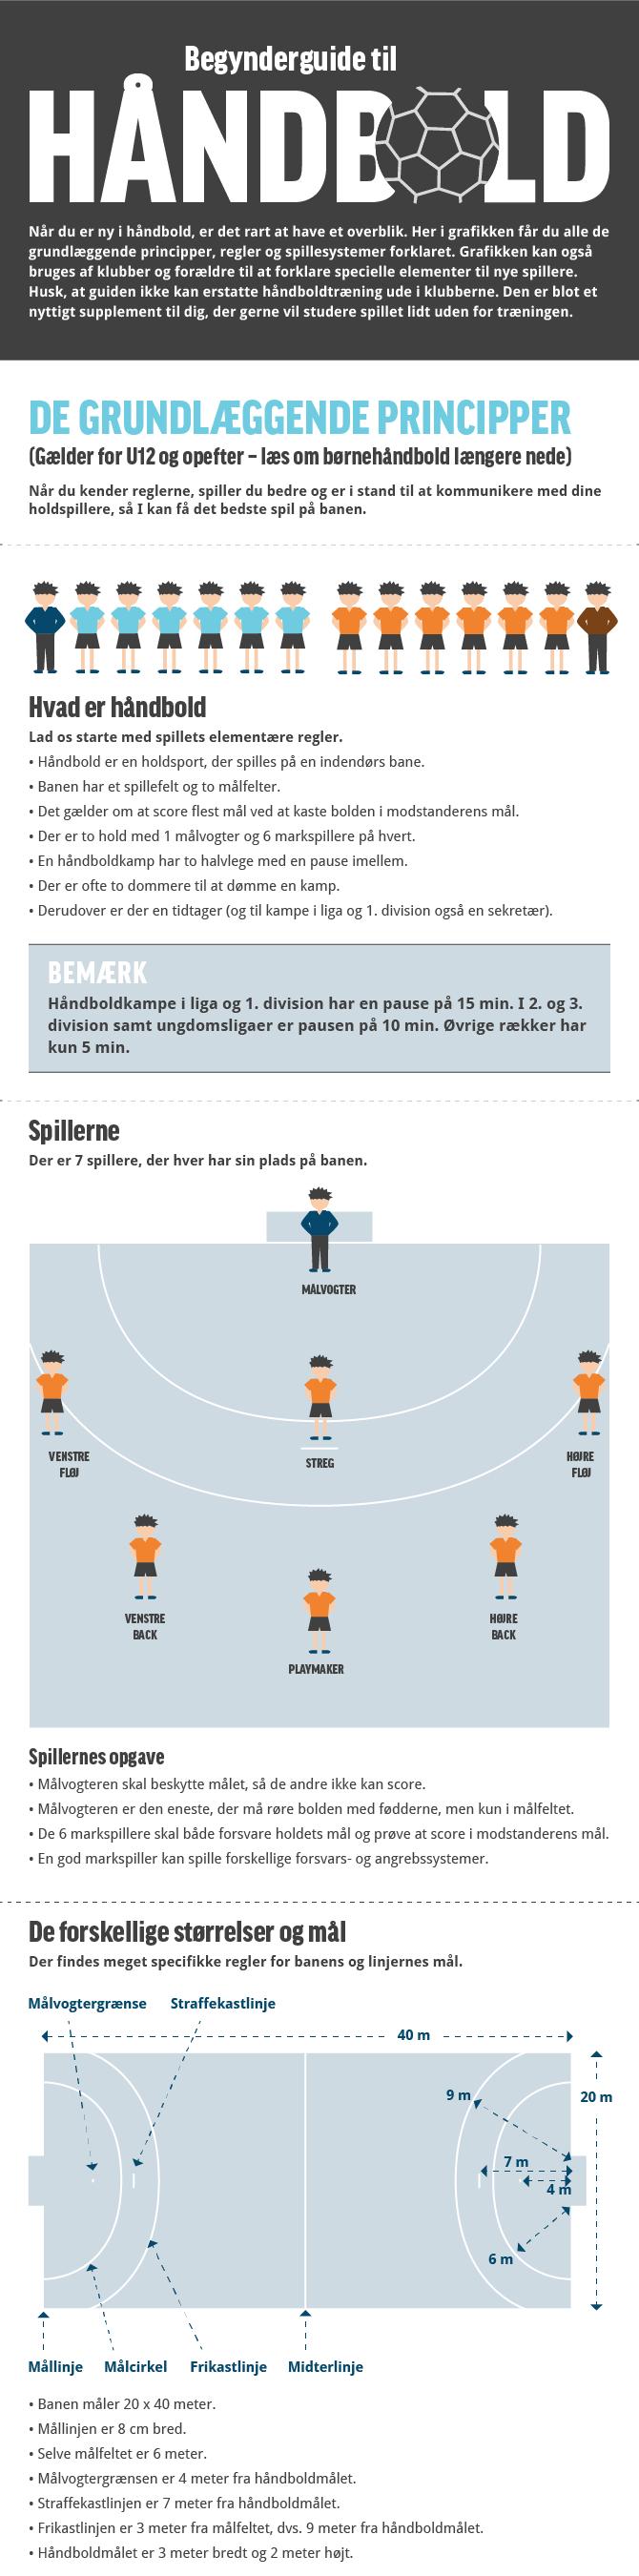 Håndboldregler - De grundlæggende håndboldregler